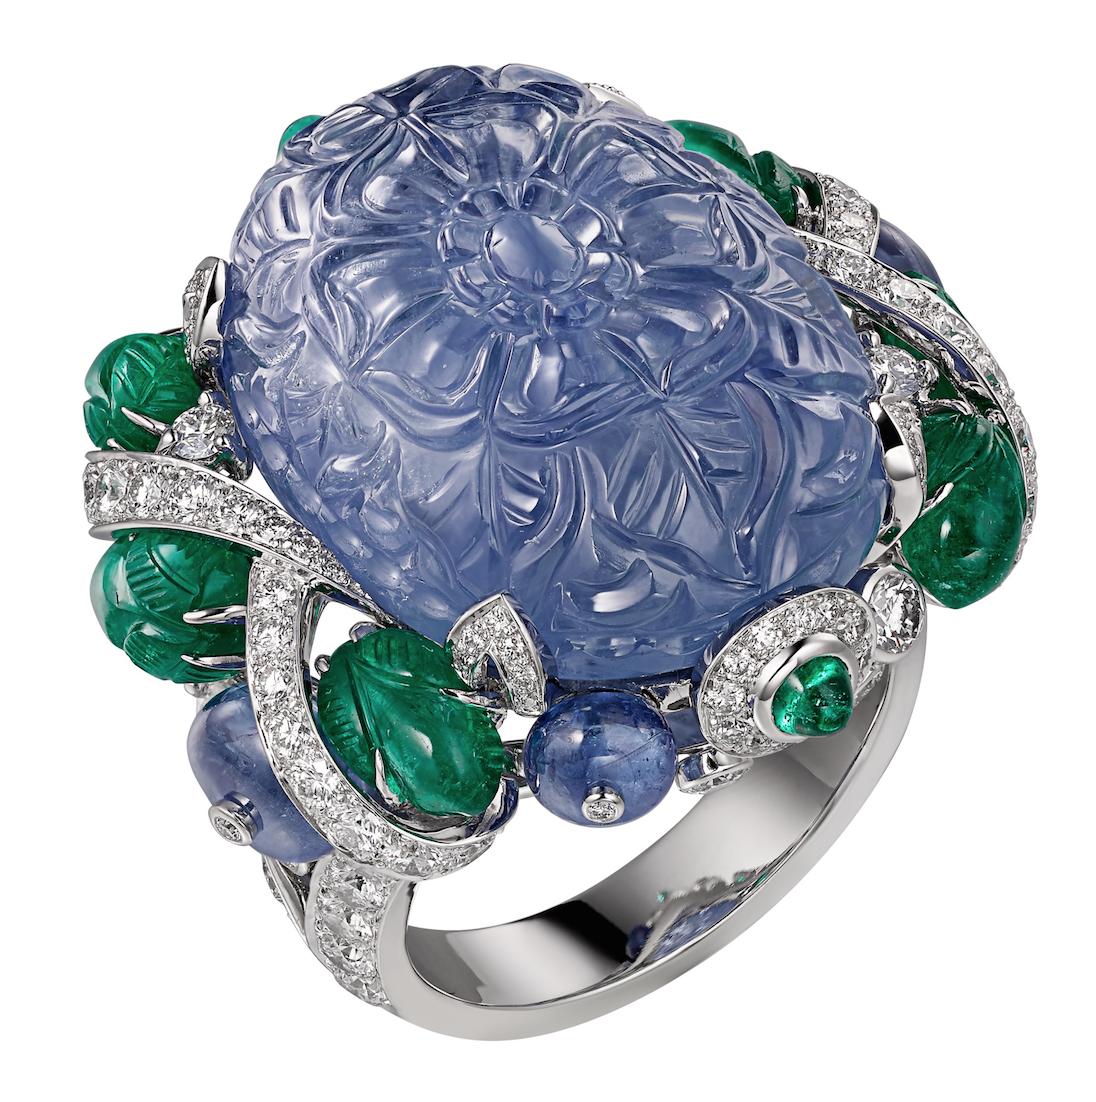 林心如配戴款:AMRITSAR 藍寶石戒指鉑金,主石為49.23 克拉雕刻緬甸藍寶石,凸圓形切割藍寶石、祖母綠,雕刻祖母綠,圓形明亮式切割鑽石,參考價格約NT$ 14,400,000